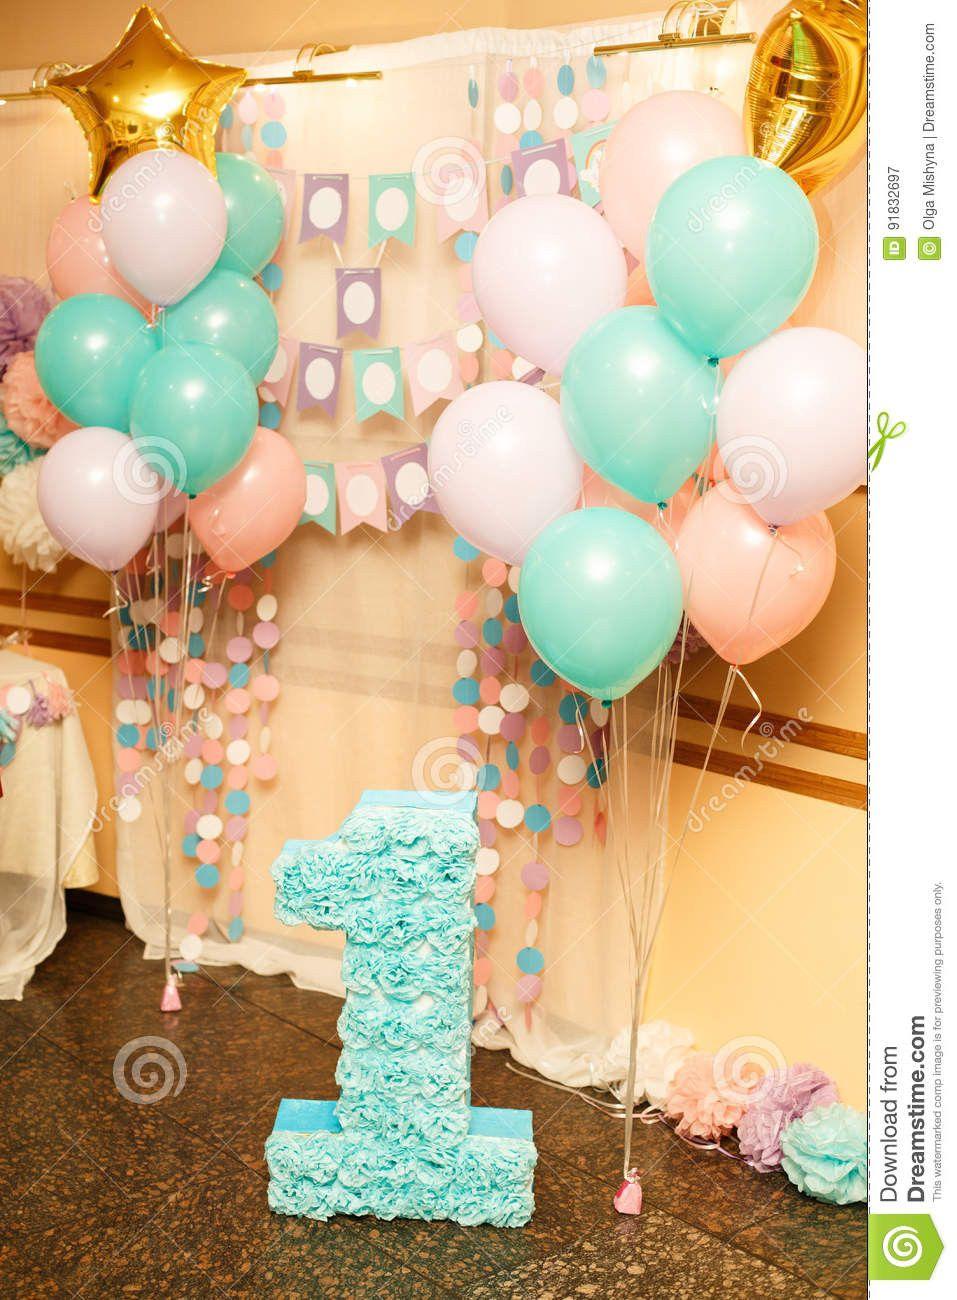 Fiesta De Cumpleaños Para El Niño Un Años Imagen De Decoracion Primer Cumpleaños Niña Cumpleaños Niños Decoracion De Cumpleaños